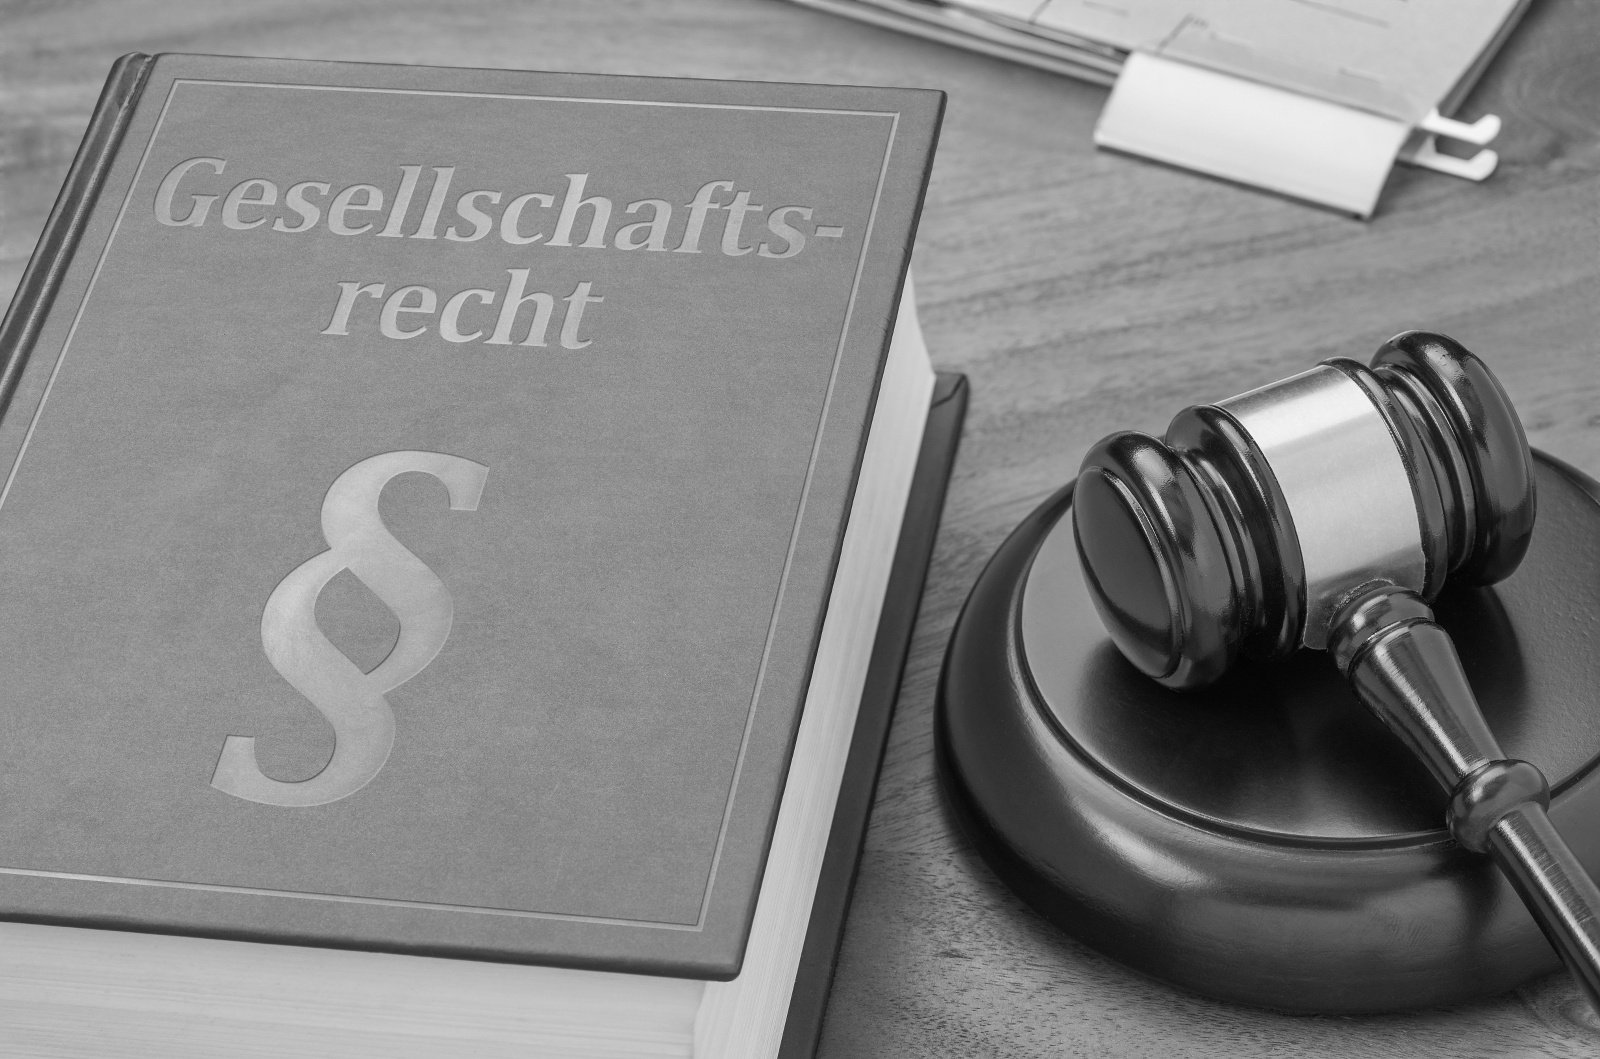 Rechtsanwalt Innsbruck, Mag. Anna Spiegl. Rechtsanwaltskanzlei für Gesellschaftsrecht Innsbruck. Mag. Anna Spiegl, Rechtsanwalt Innsbruck.